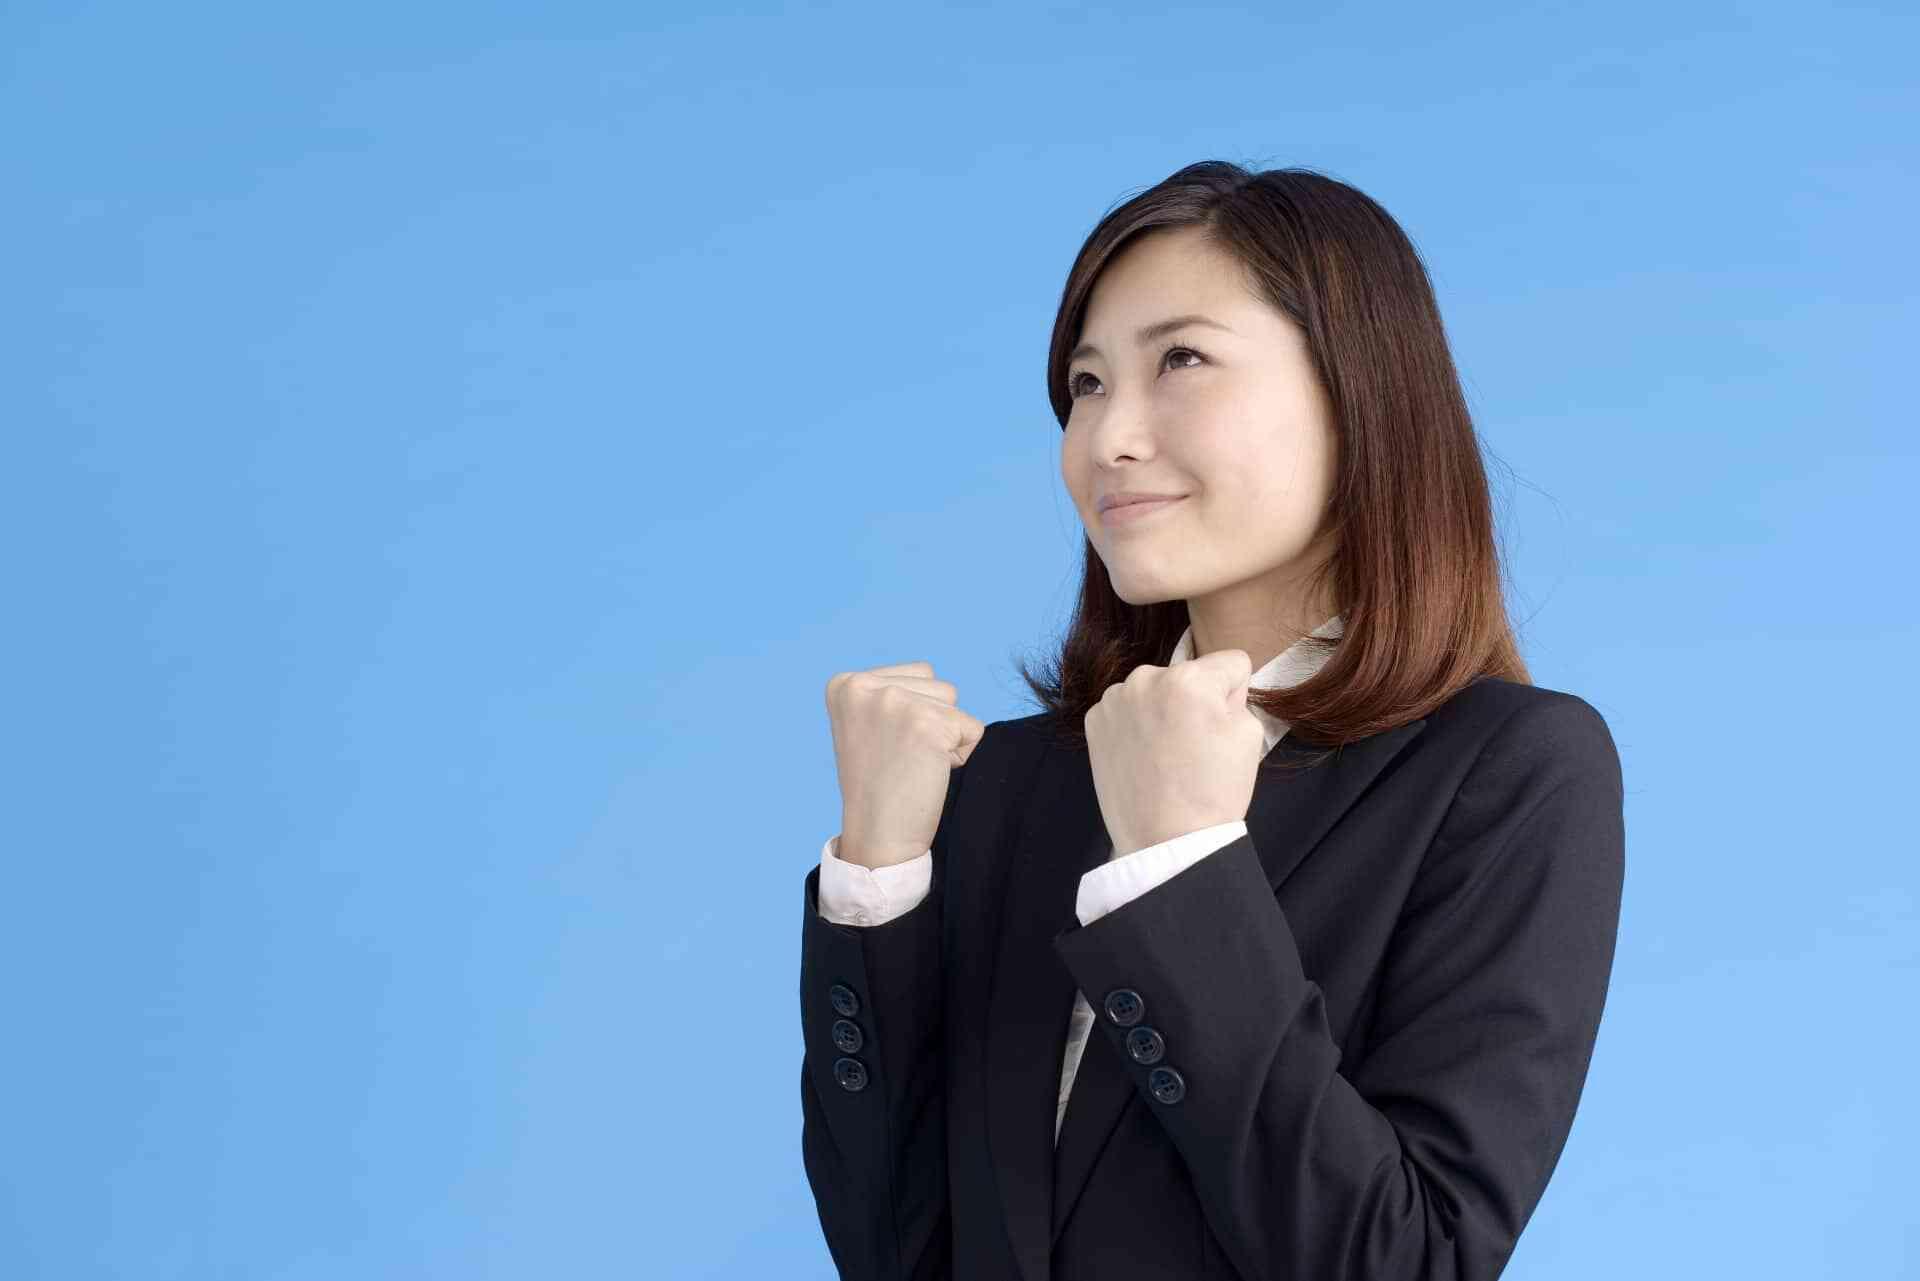 商社で働くメリット・デメリットを紹介